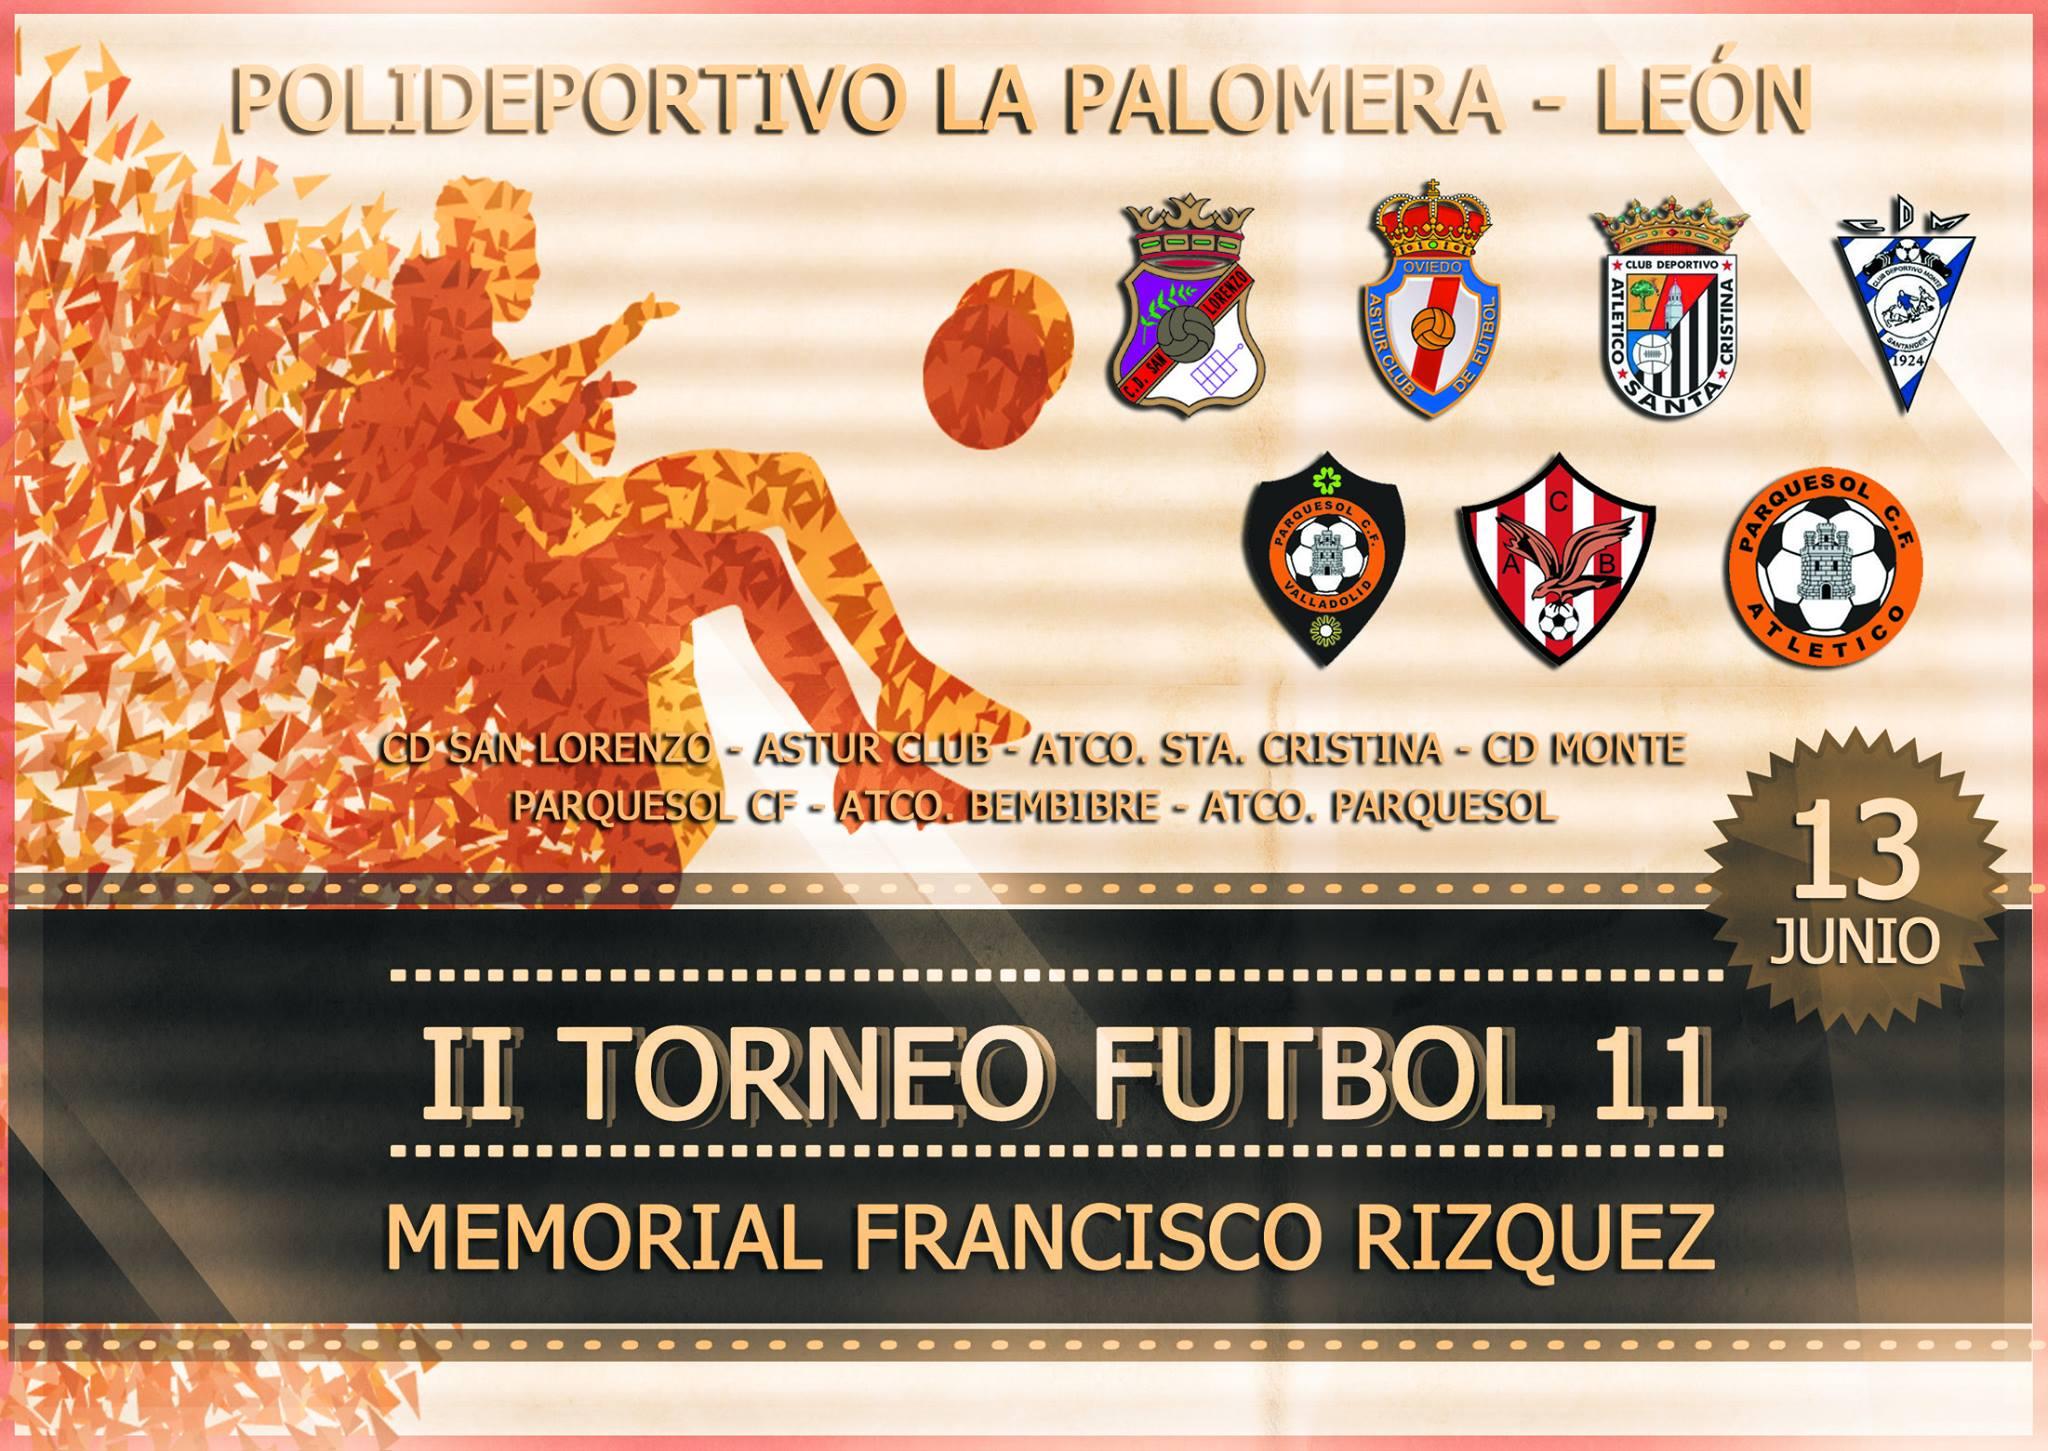 II Torneo Futbol 11 Francisco Rizquez